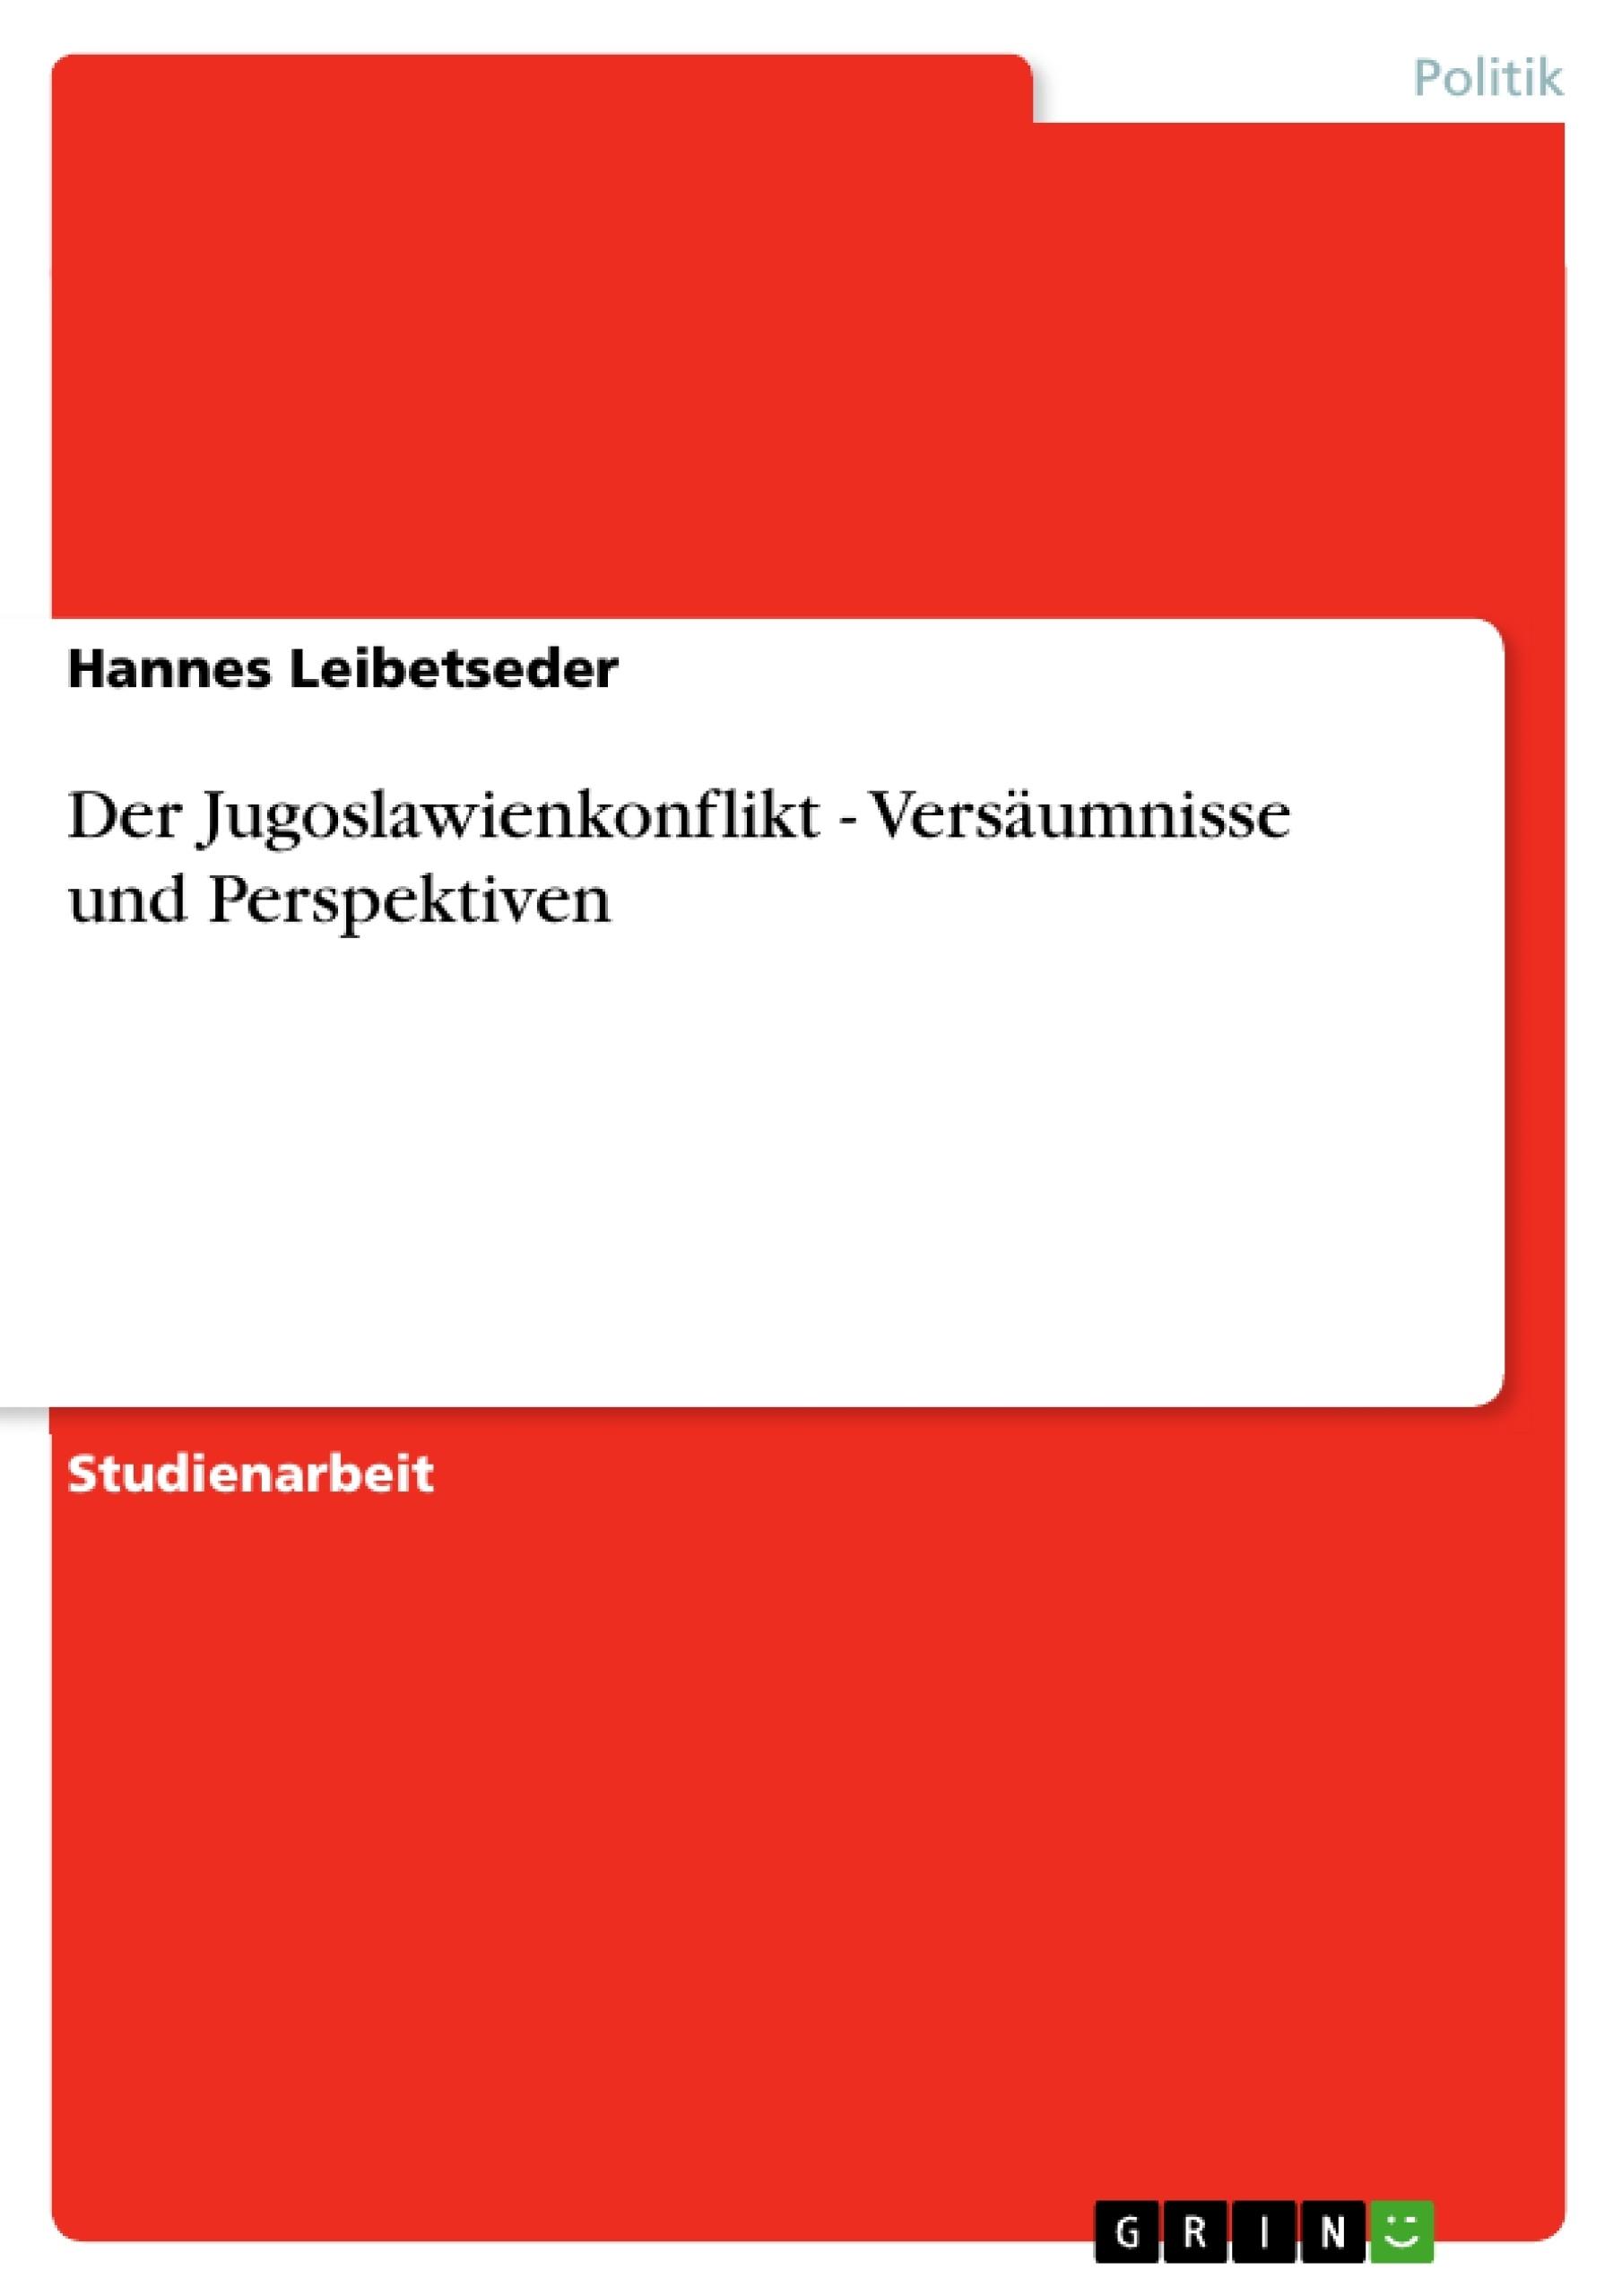 Titel: Der Jugoslawienkonflikt - Versäumnisse und Perspektiven